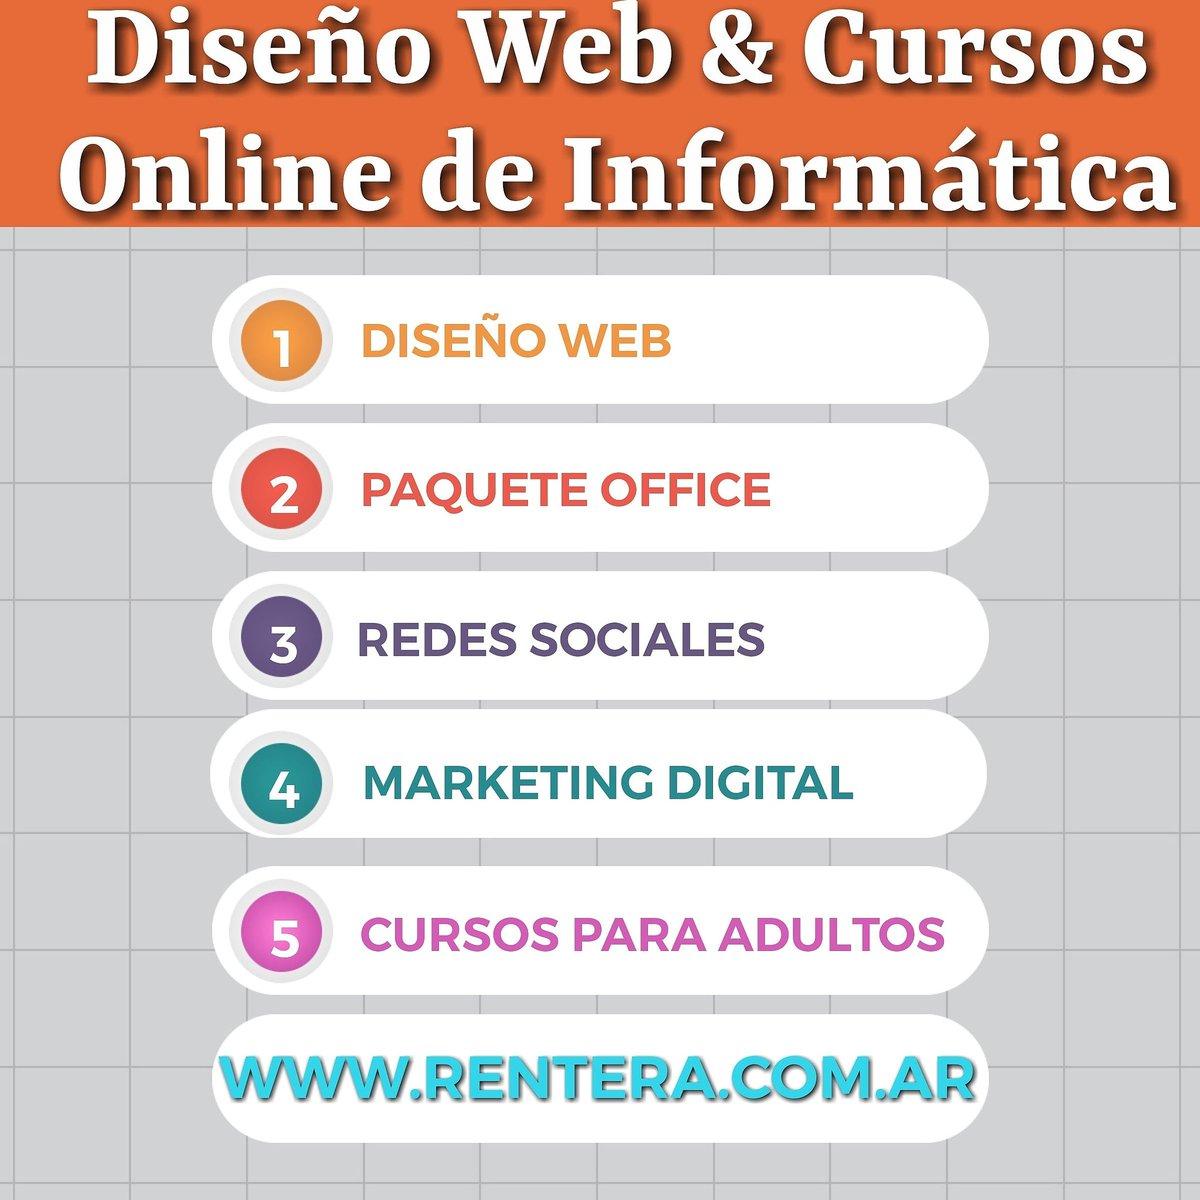 #cursoparaadultos #cursosonline #cursos #quedateencasa #redessociales #clasesdeword #clasesdeexcel #love #cursosonlineinformatica